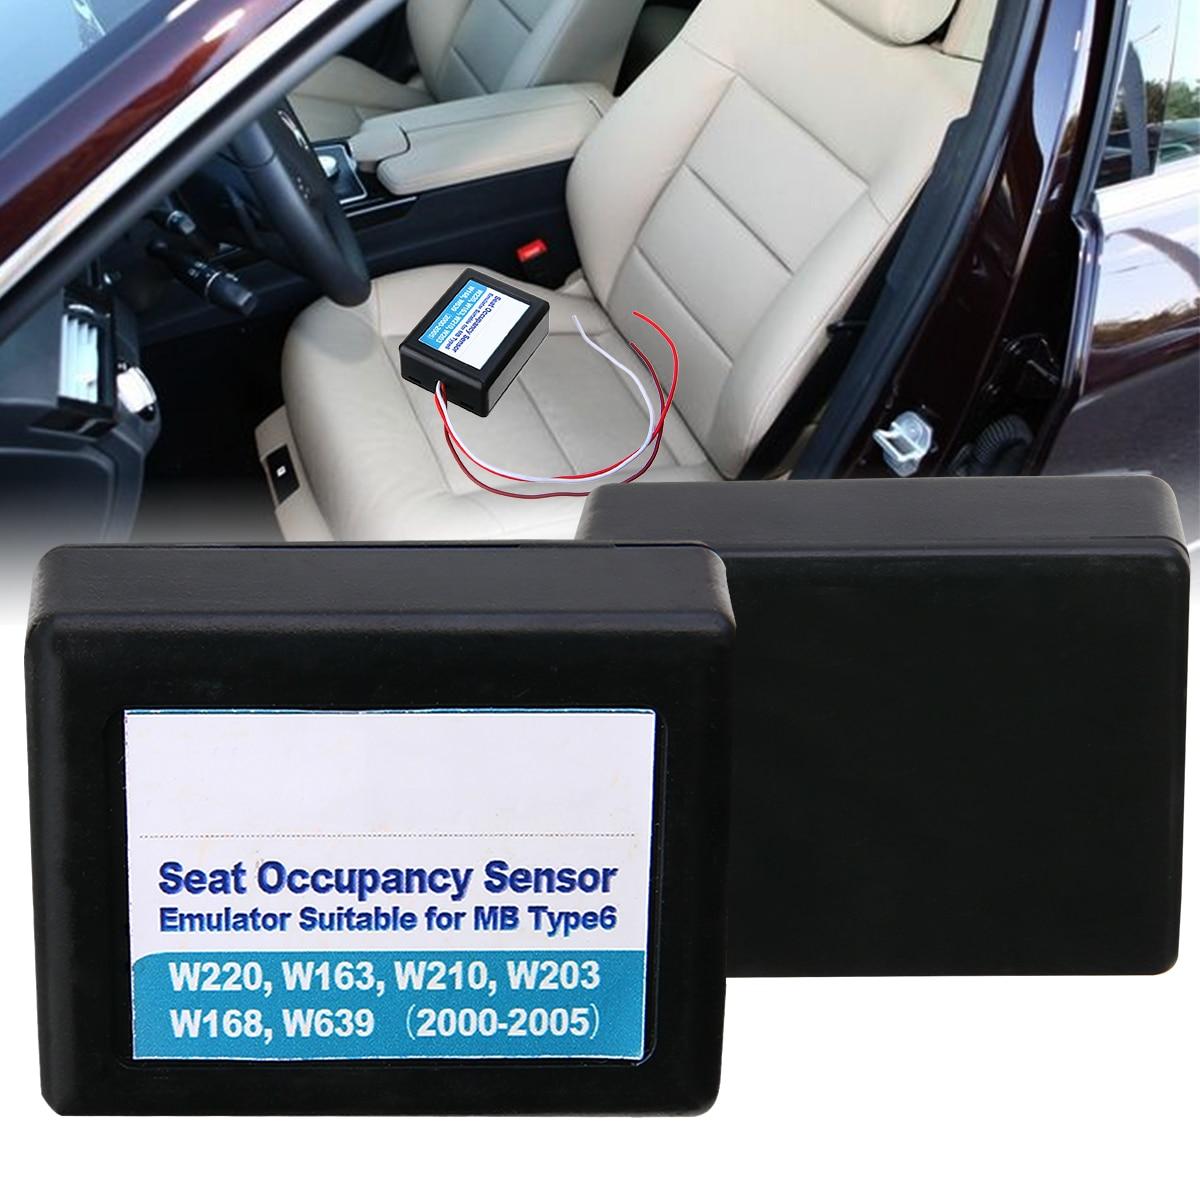 מערכות ניווט GPS 1PC רכב סיאט תפוסה מקצוע חיישן SRS Emulator עבור מרצדס בנץ Type6 W220 W163 W210 W168 W639 00-05 אביזרים לרכב (2)